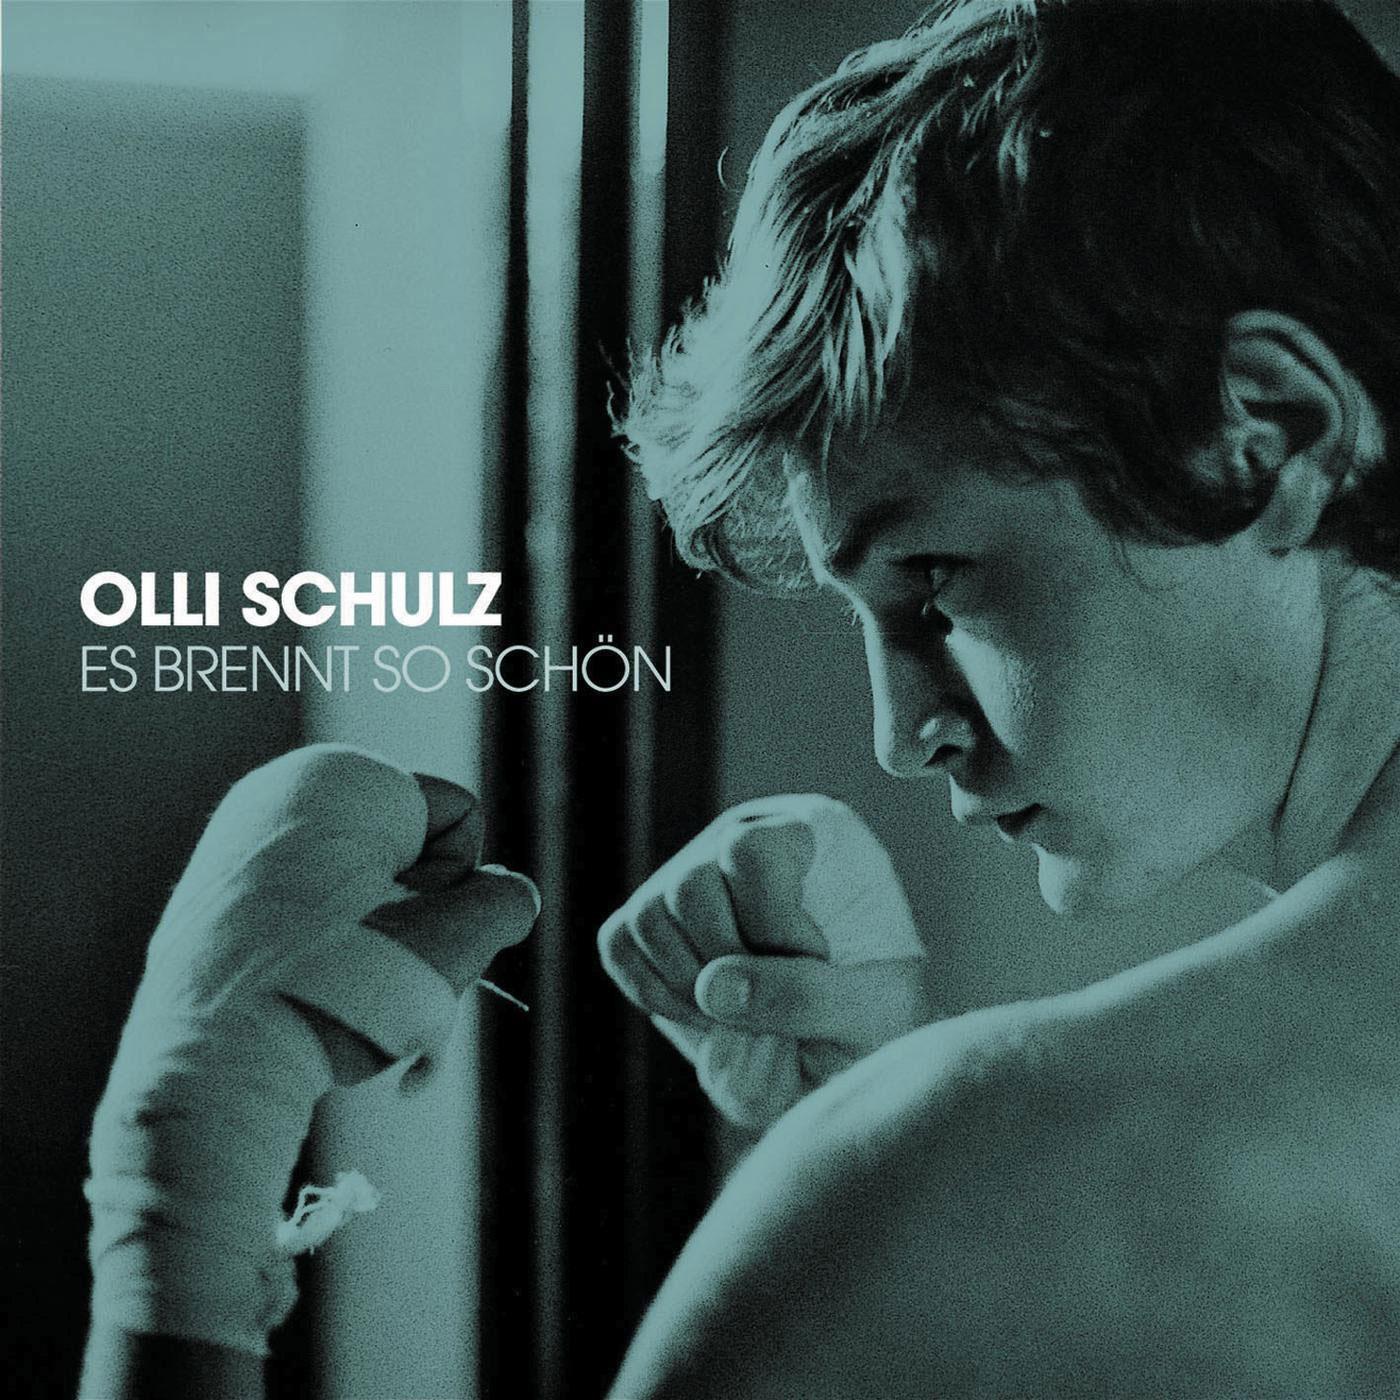 Olli Schulz - Es brennt so schön